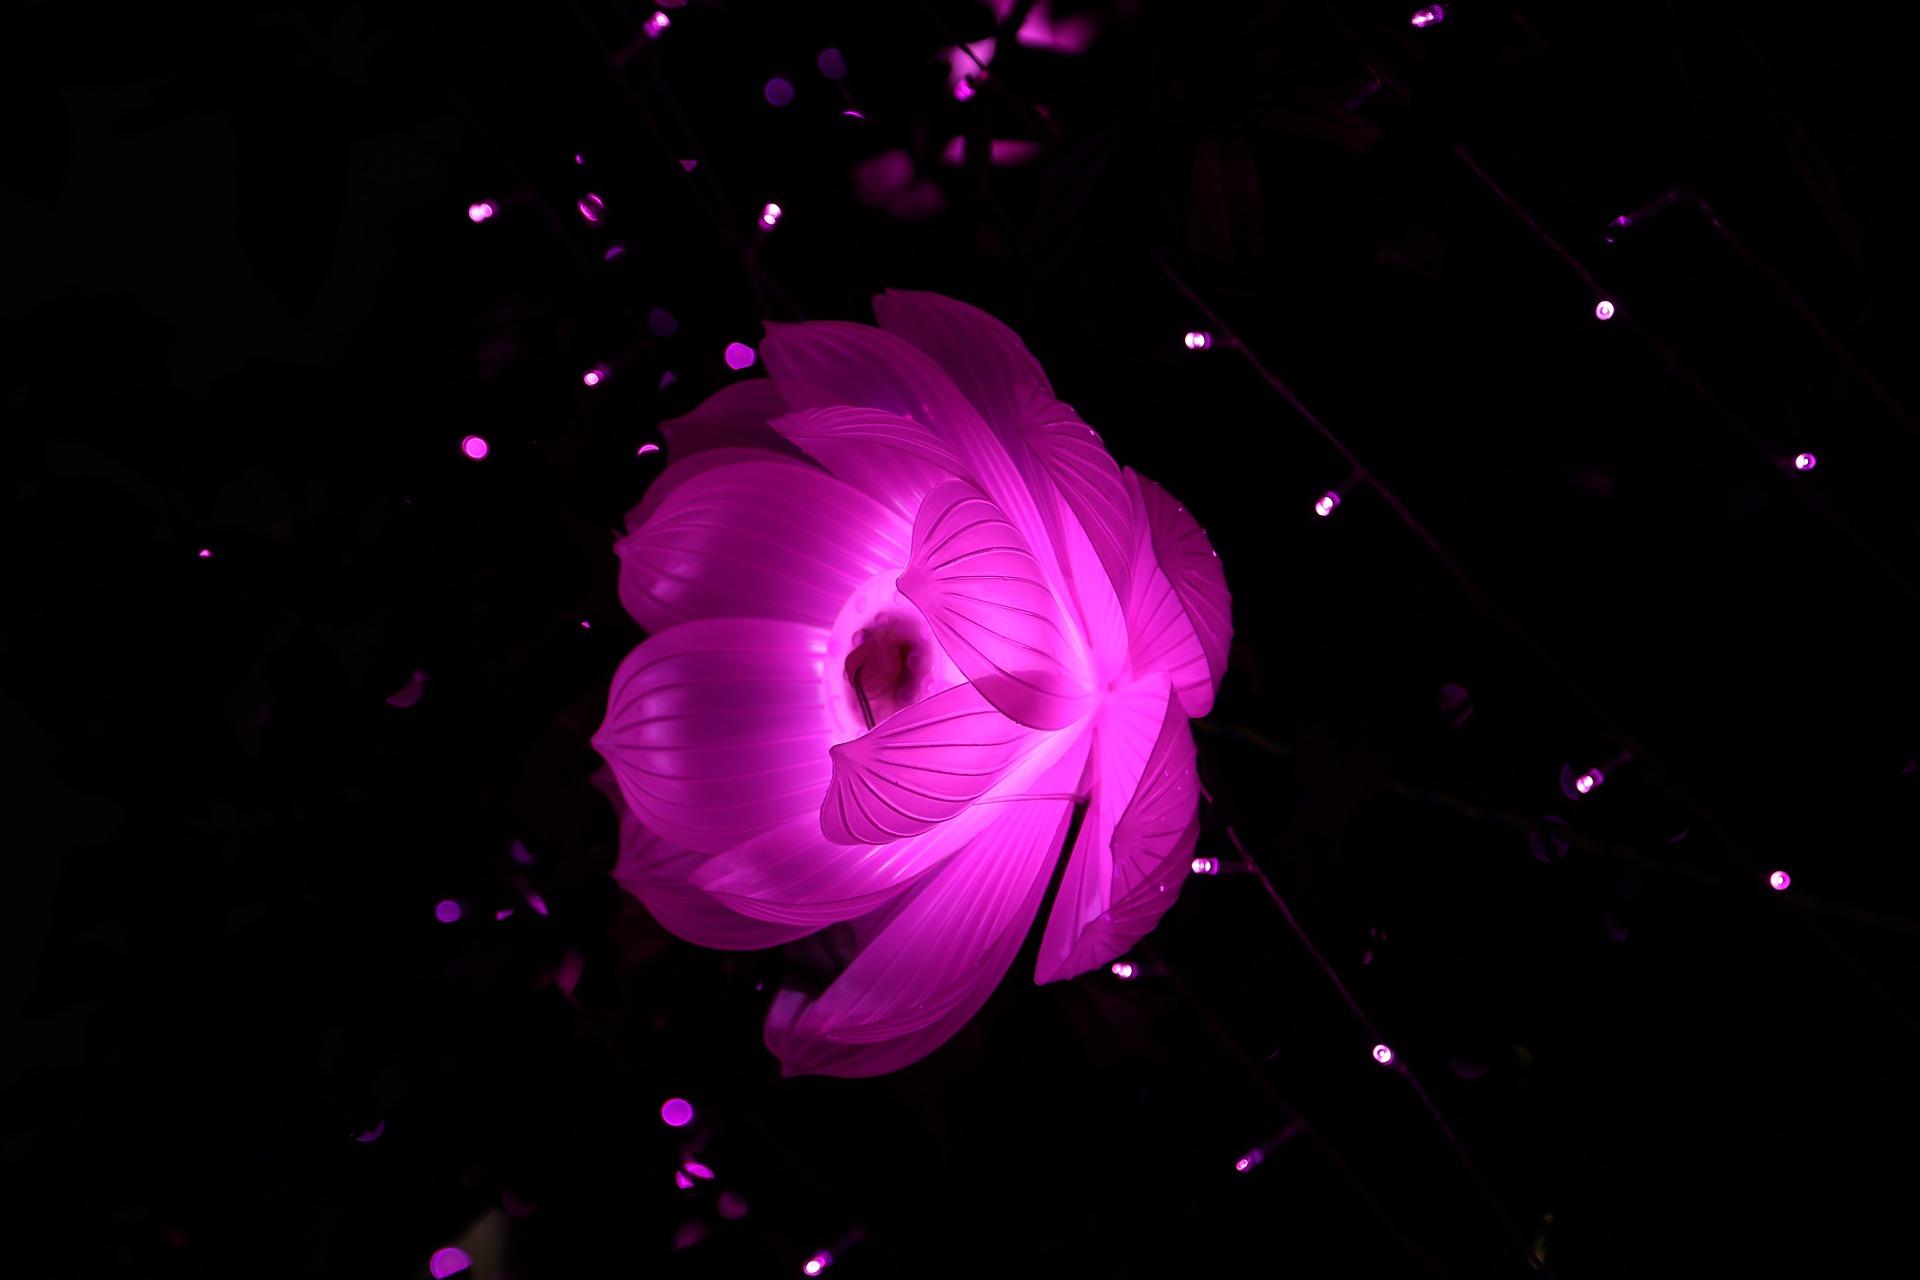 lotus-655616_1920